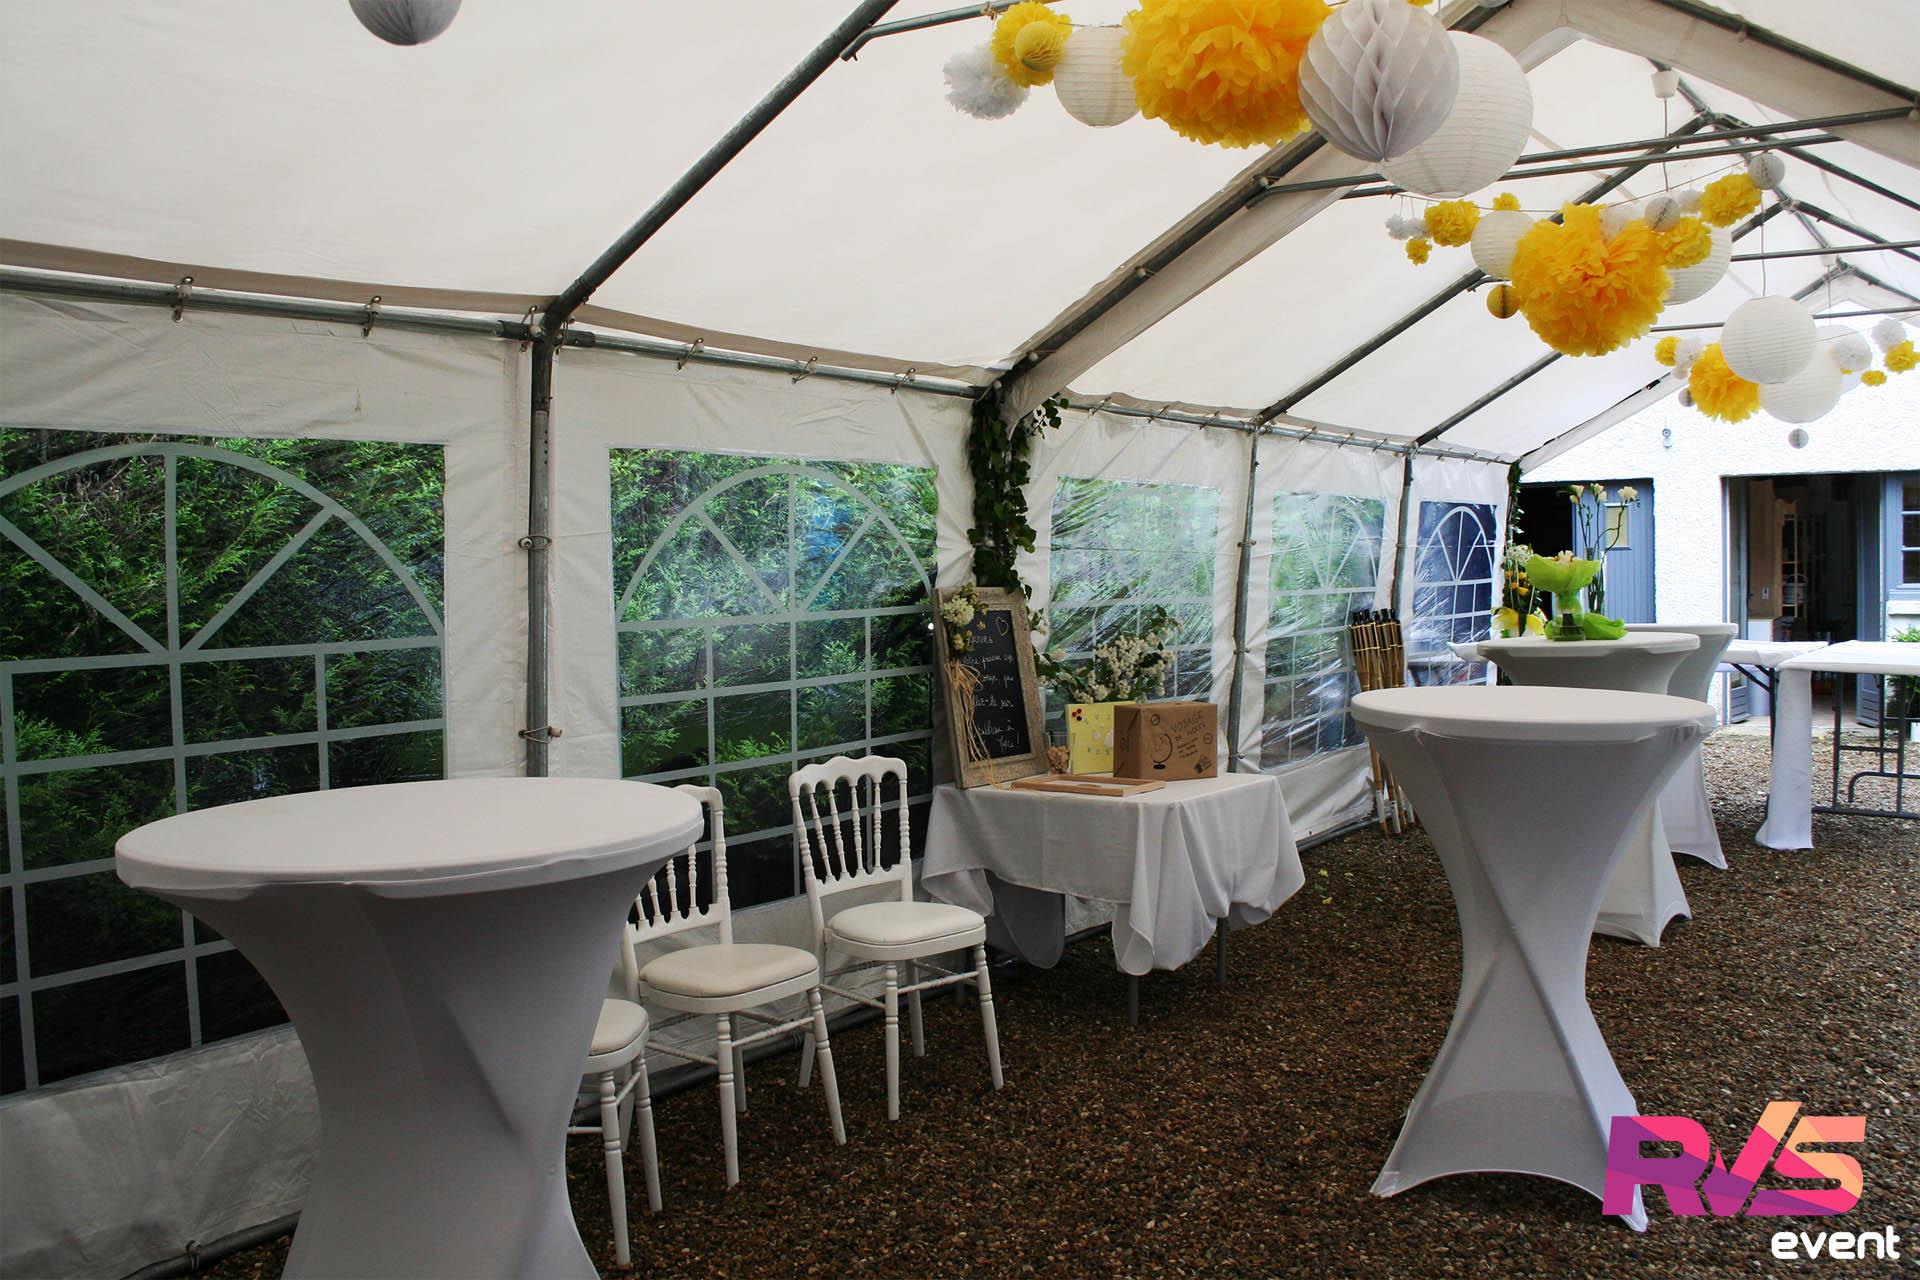 Mariage Tente de réception 4x14 - RVS Event